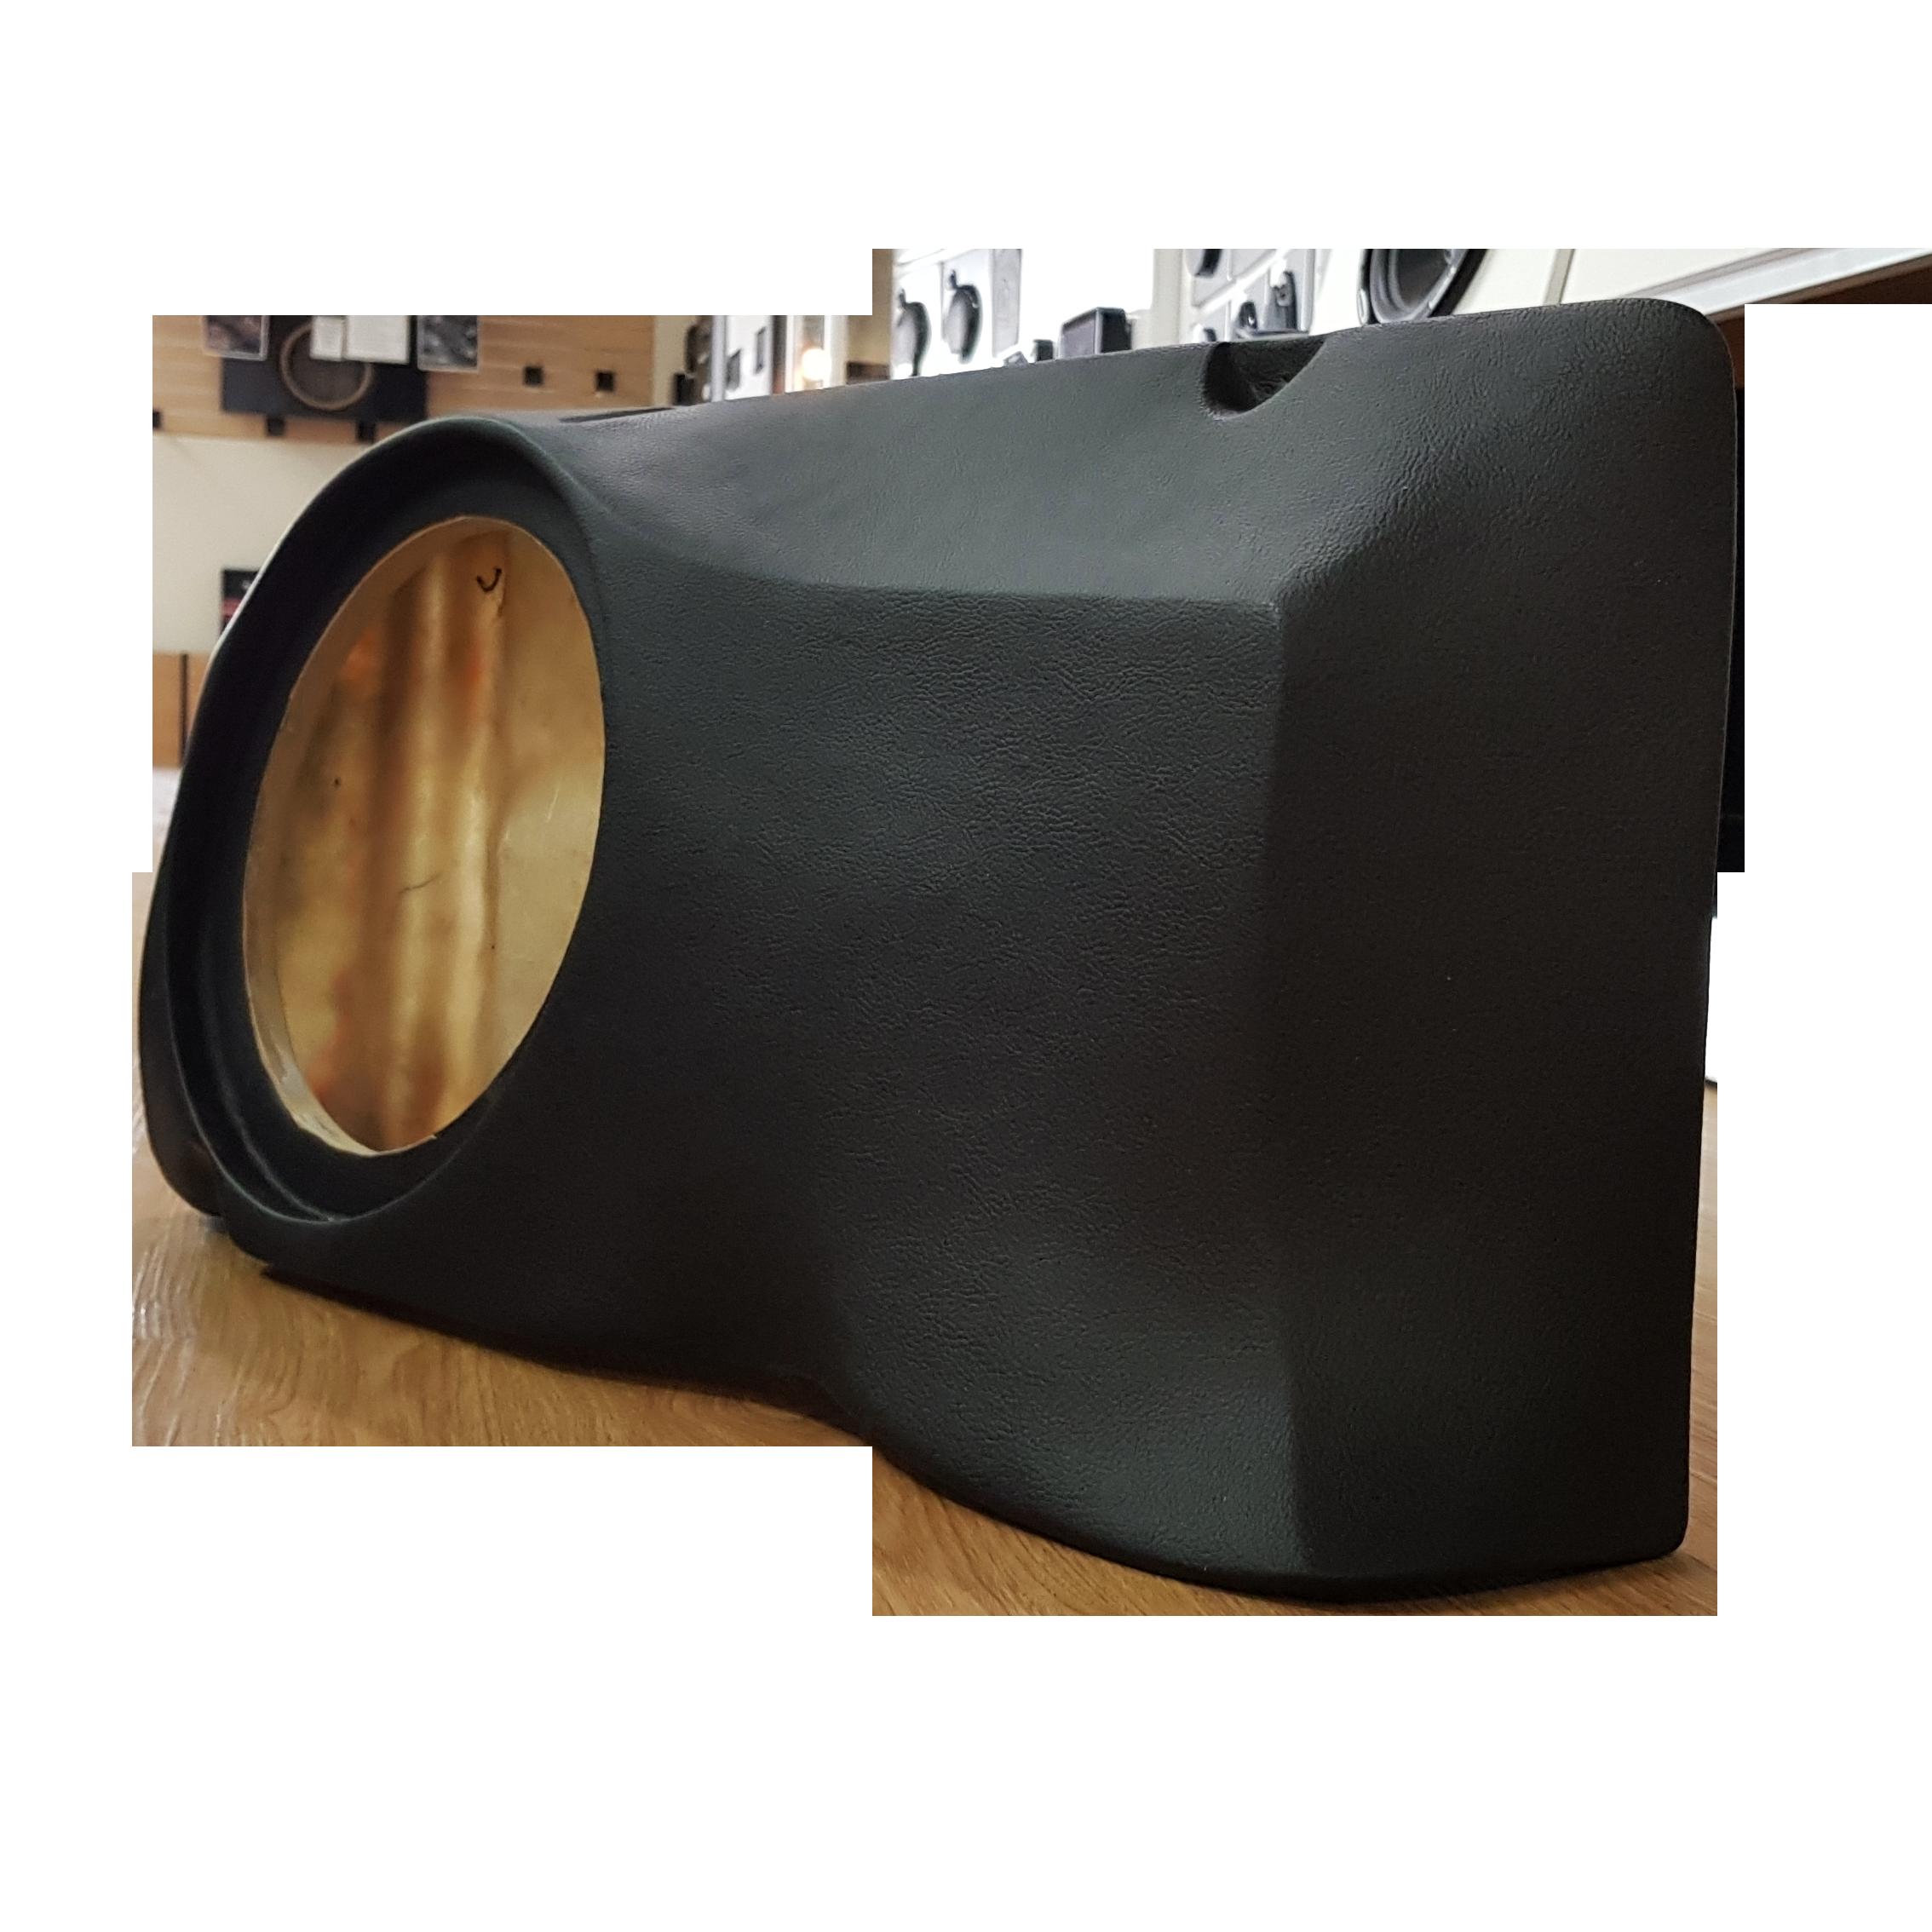 Subwoofer box to suit Hilux